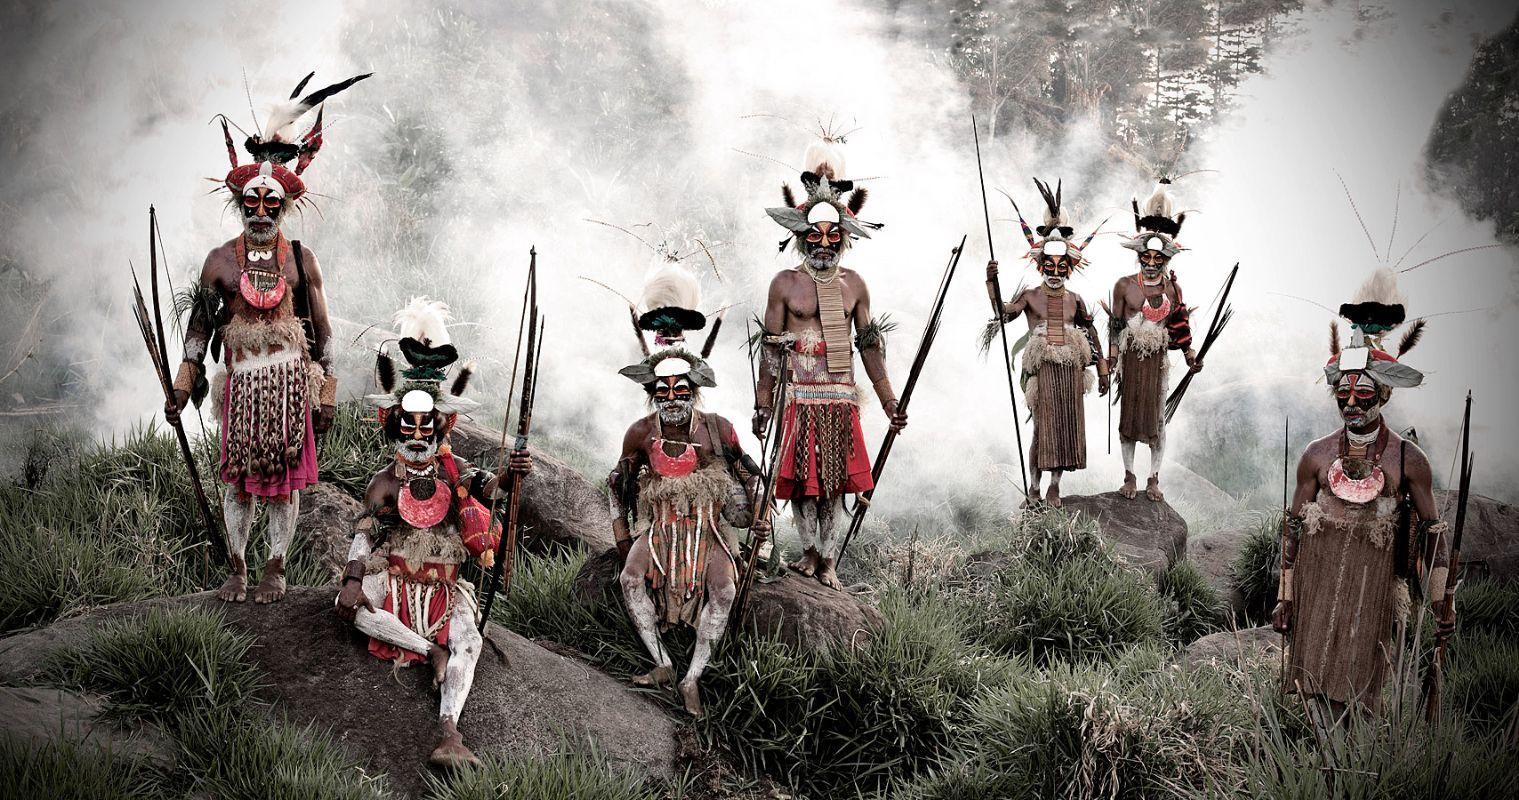 Keke Kombea, Tande Mala, Lebosi Kupu, Mumburi Mupi, John Kundi, Menaja Koke, Likekaipia Tribe Ponowi Village, Jalibu Mountains, Western Highlands